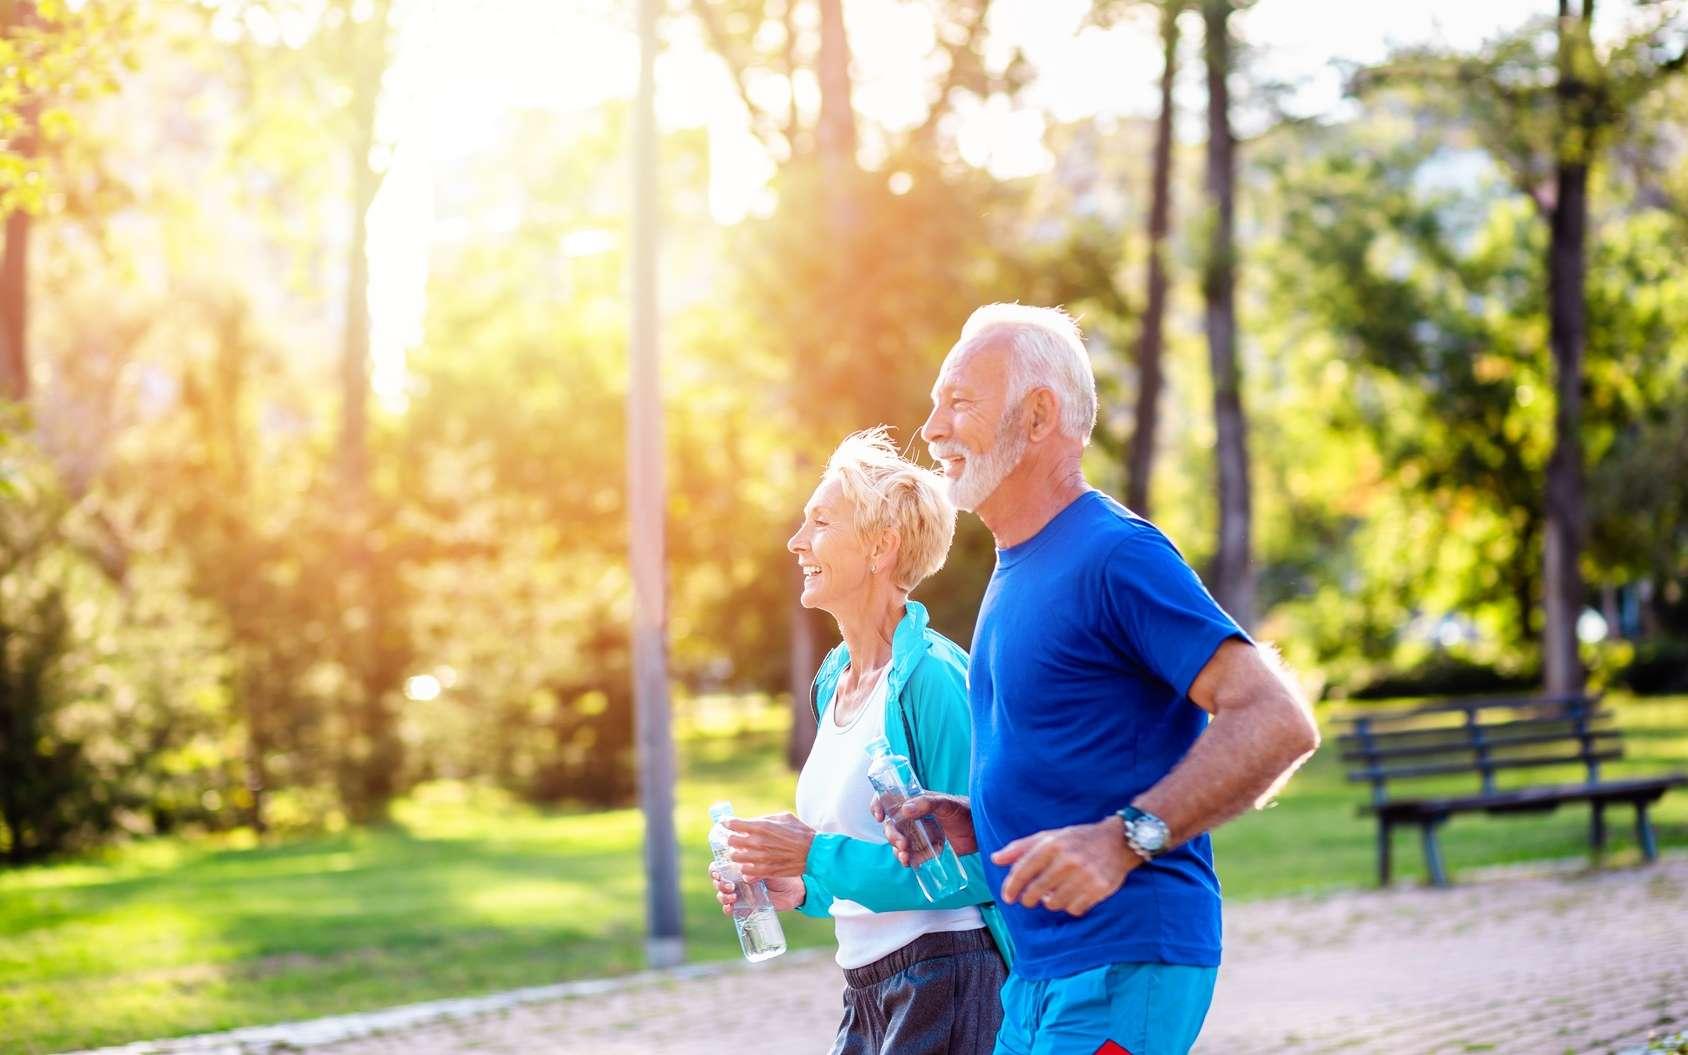 Le jogging aiderait à garder des cellules jeunes. © hedgehog94, Fotolia